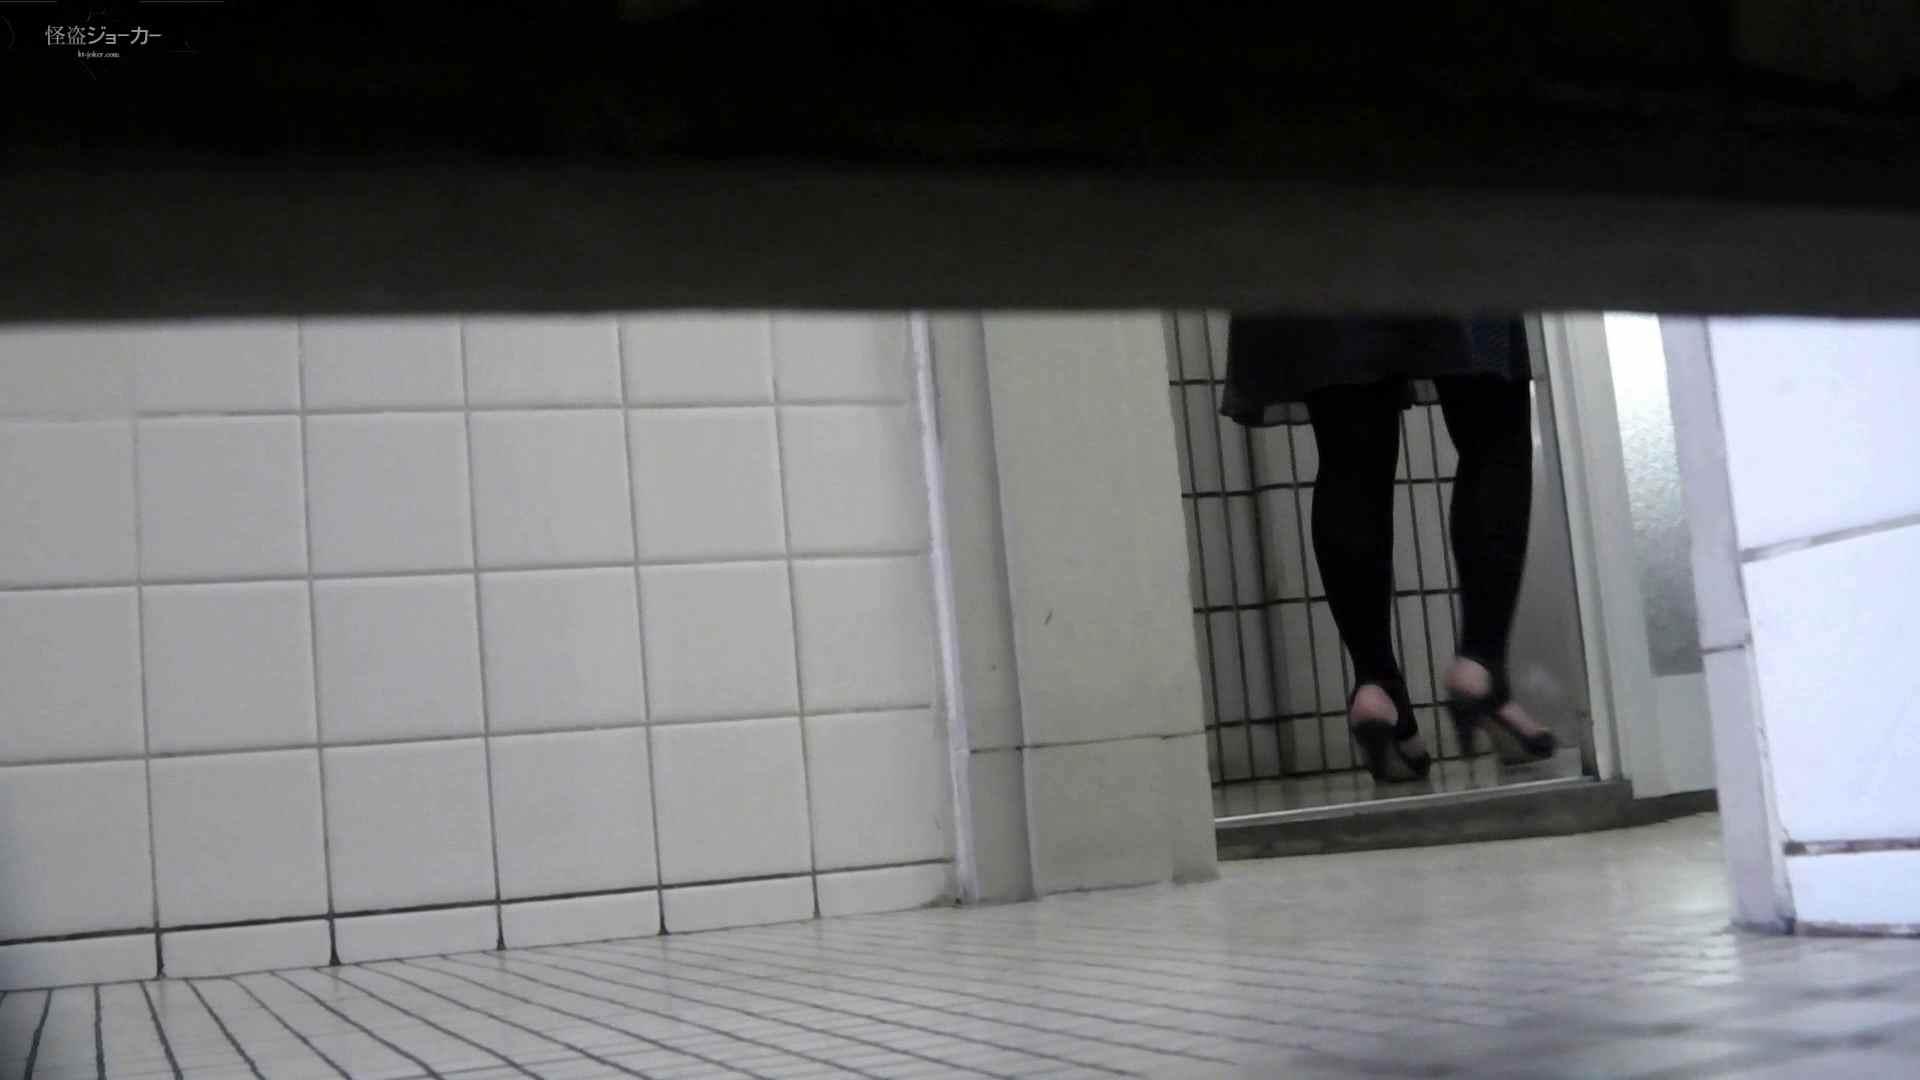 【美しき個室な世界】洗面所特攻隊 vol.051 洗面所 | OLのボディ  72PIX 19